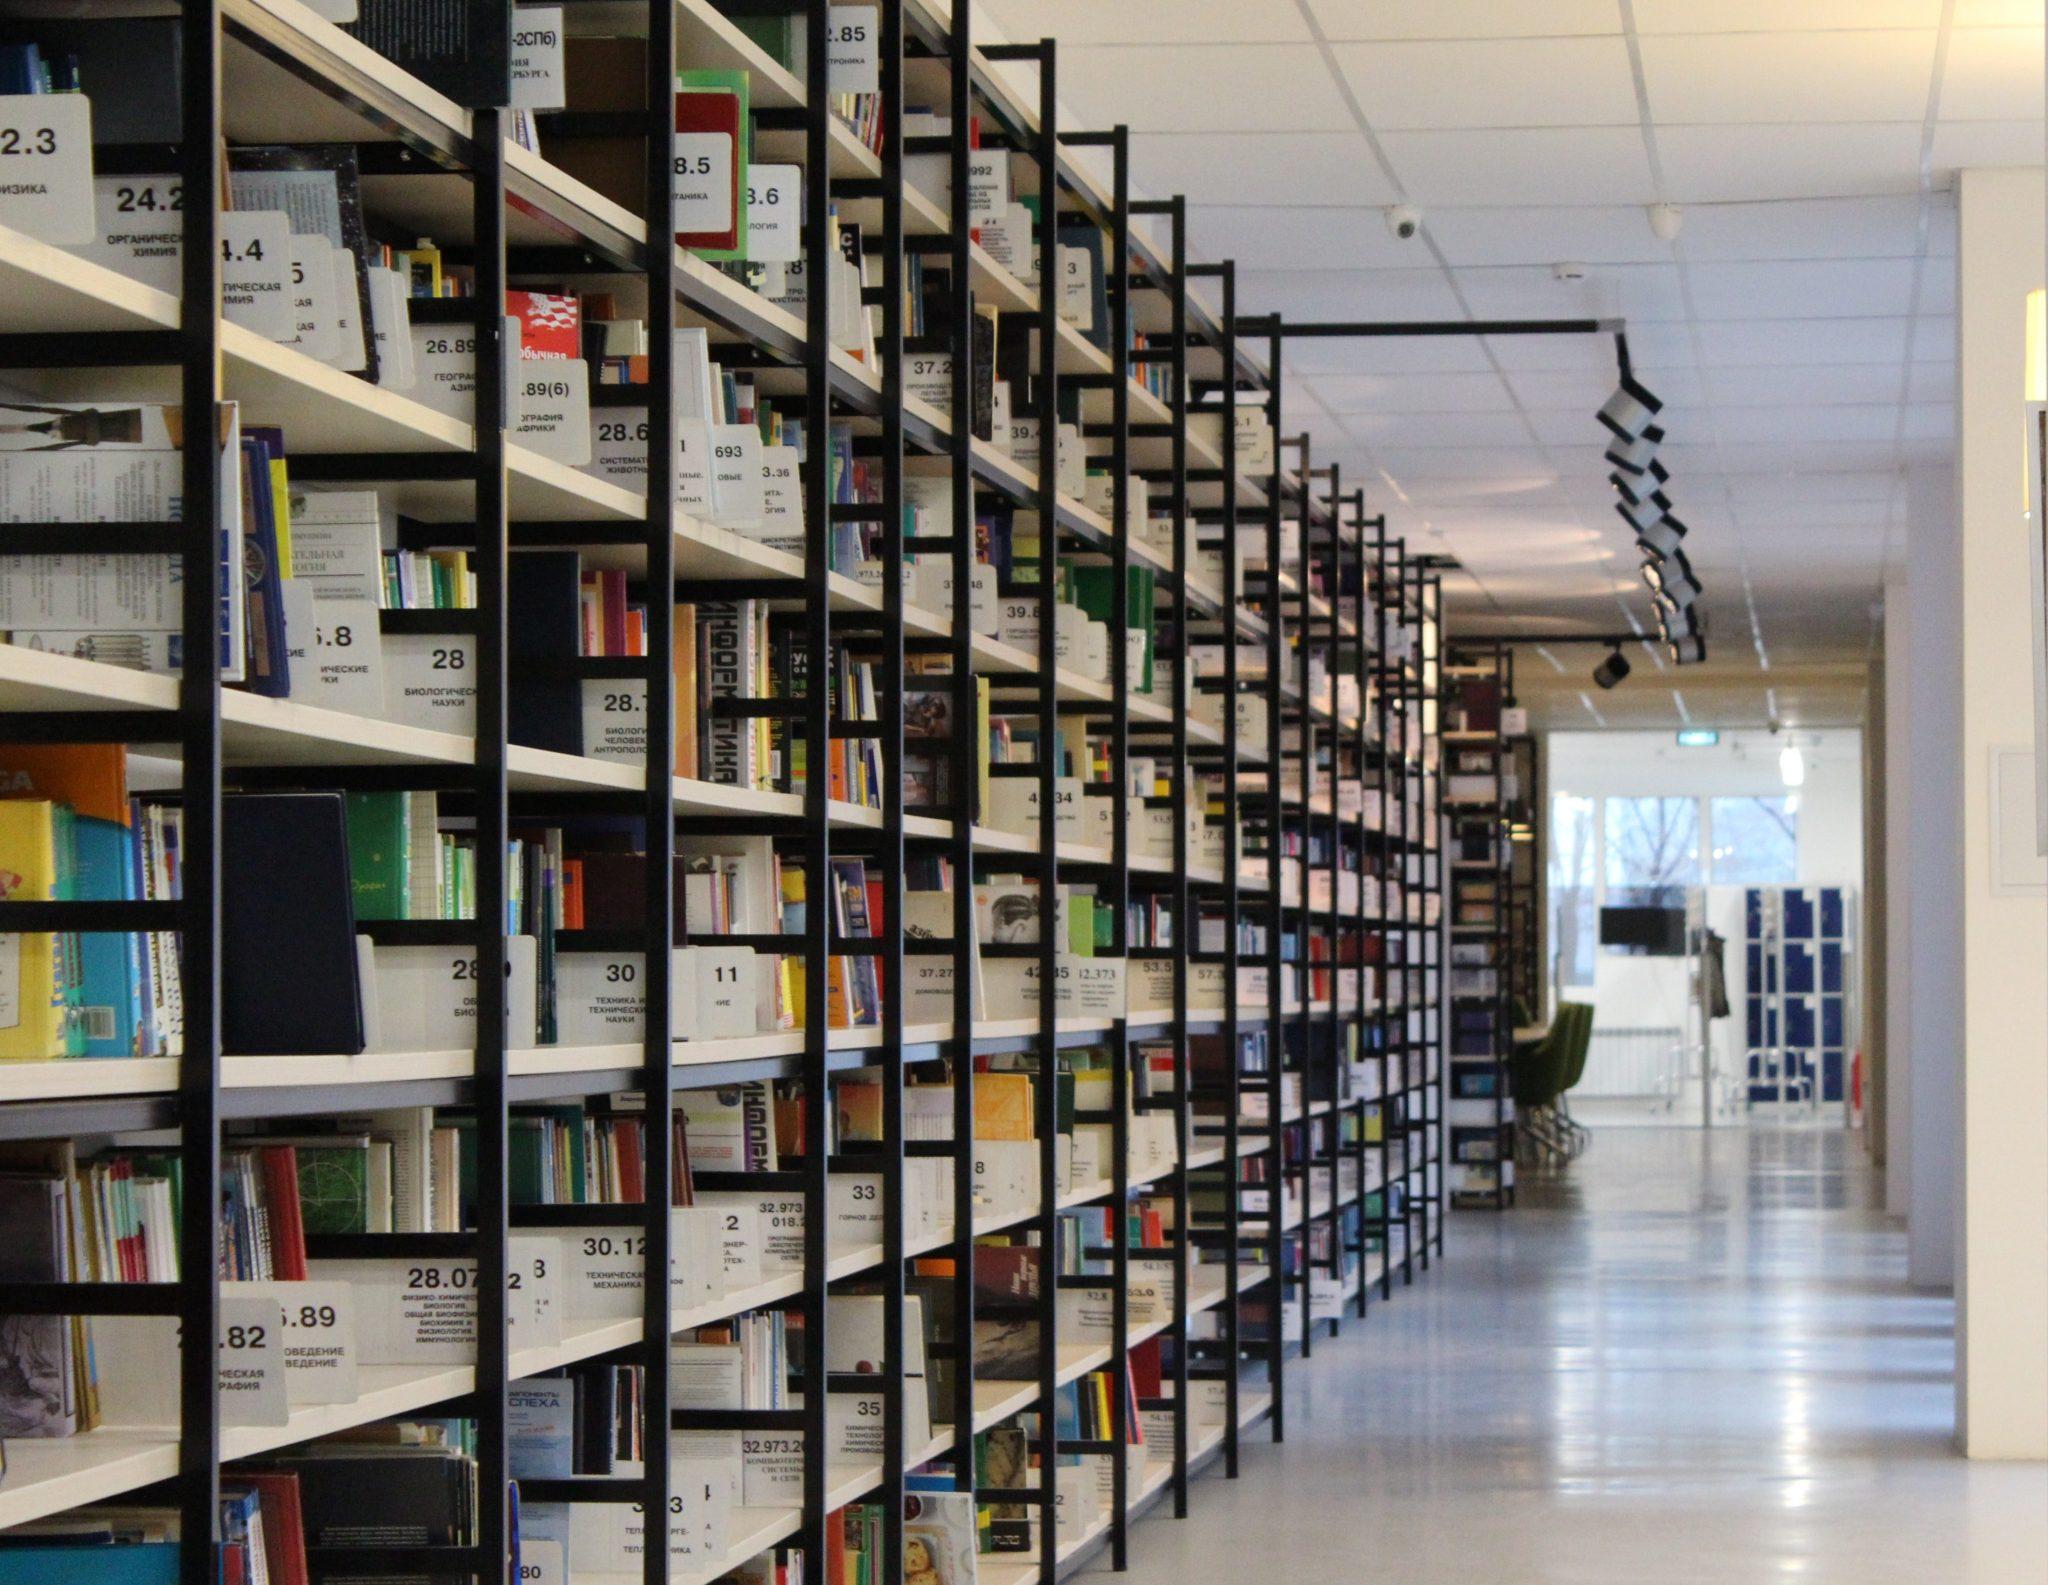 aisle-archive-bookcase-256559